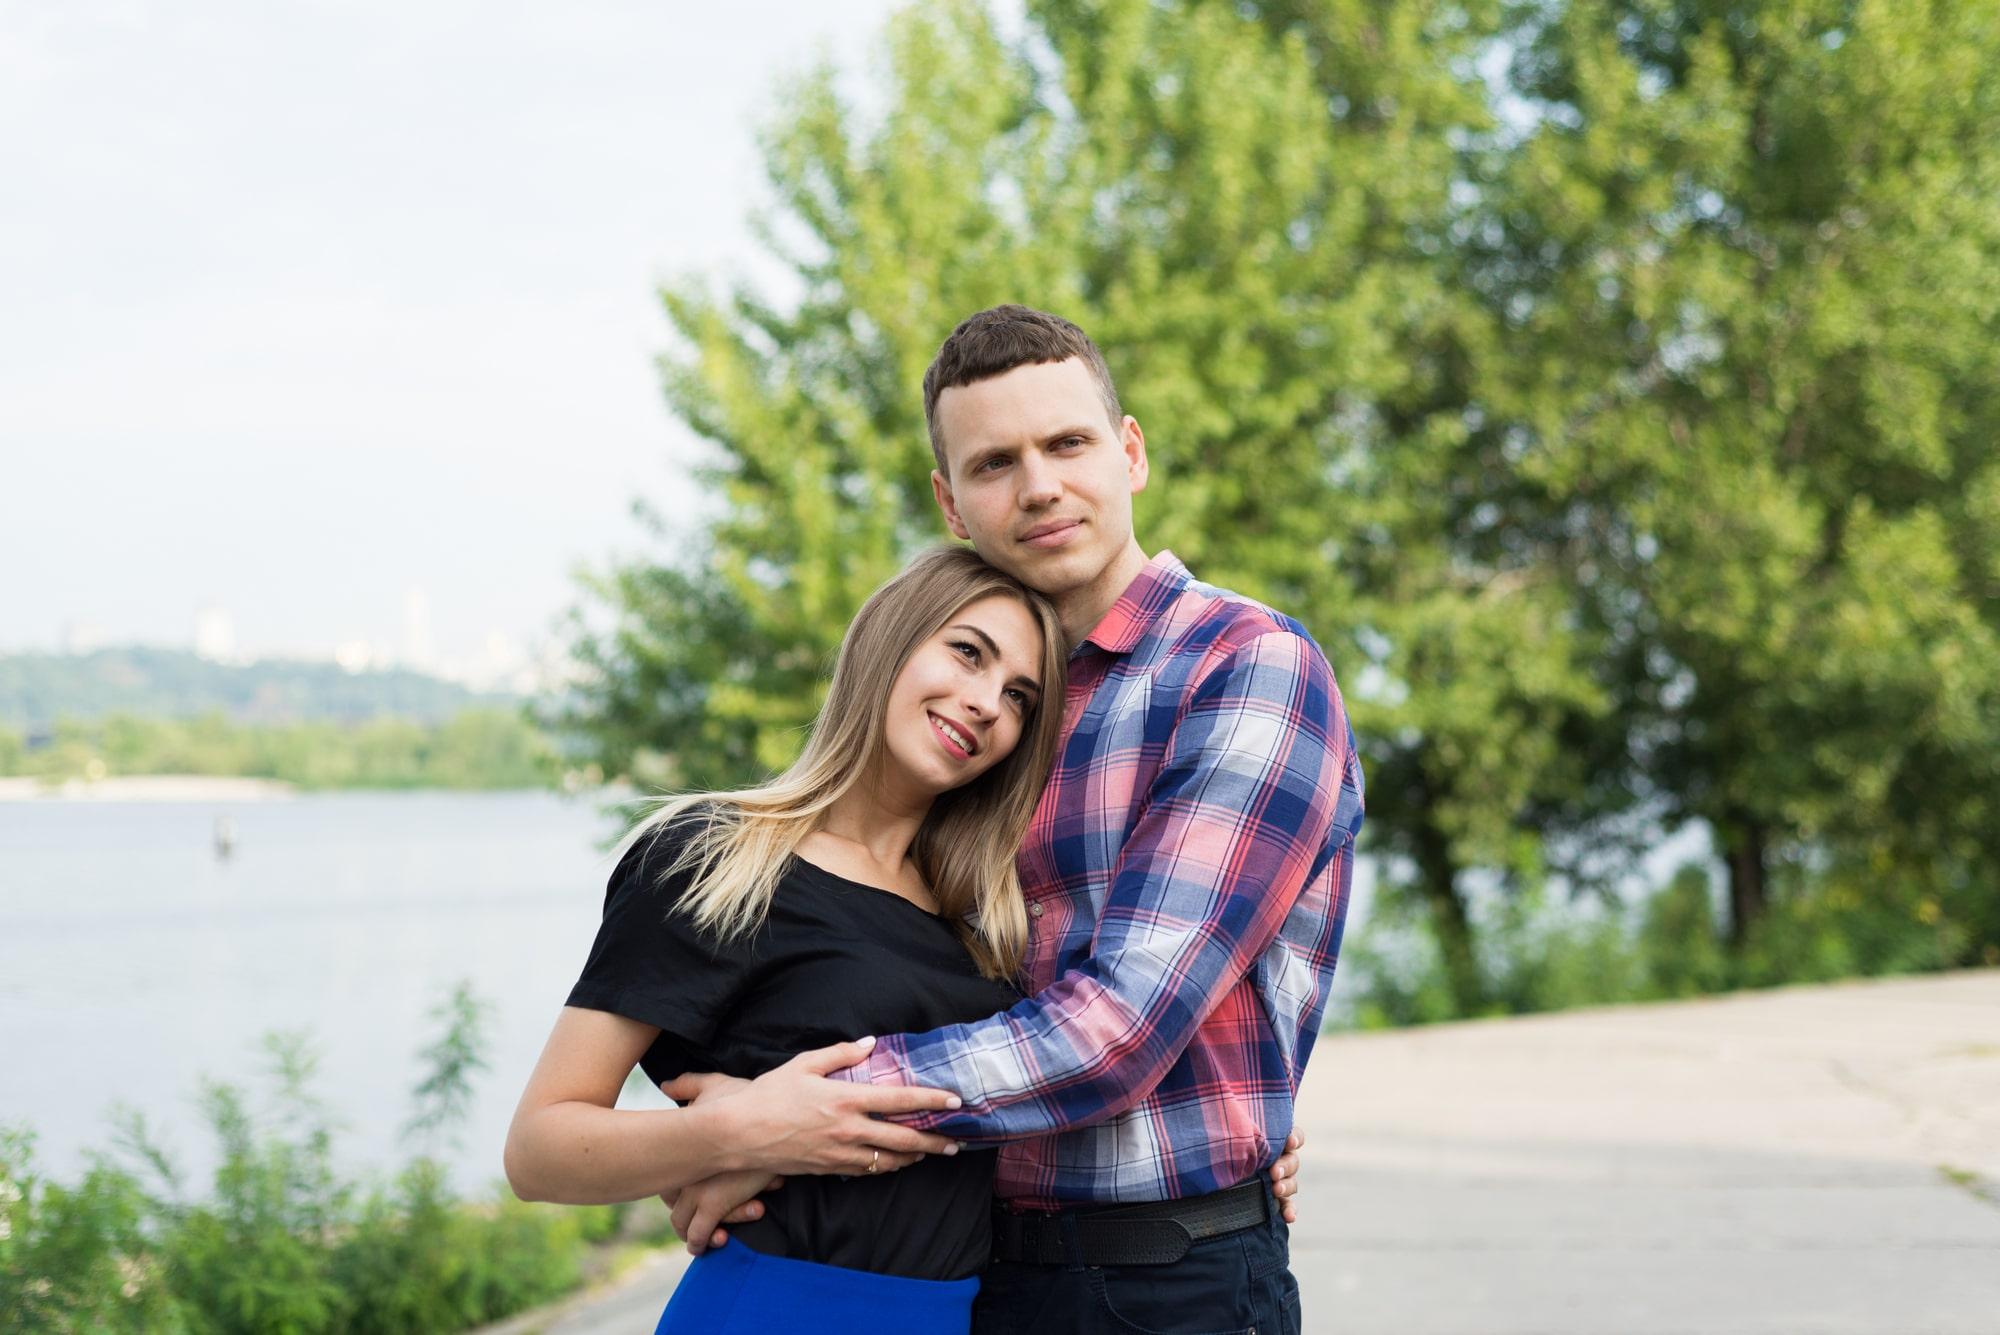 Фотосессия Love Story в Киеве - парень обнял девушку